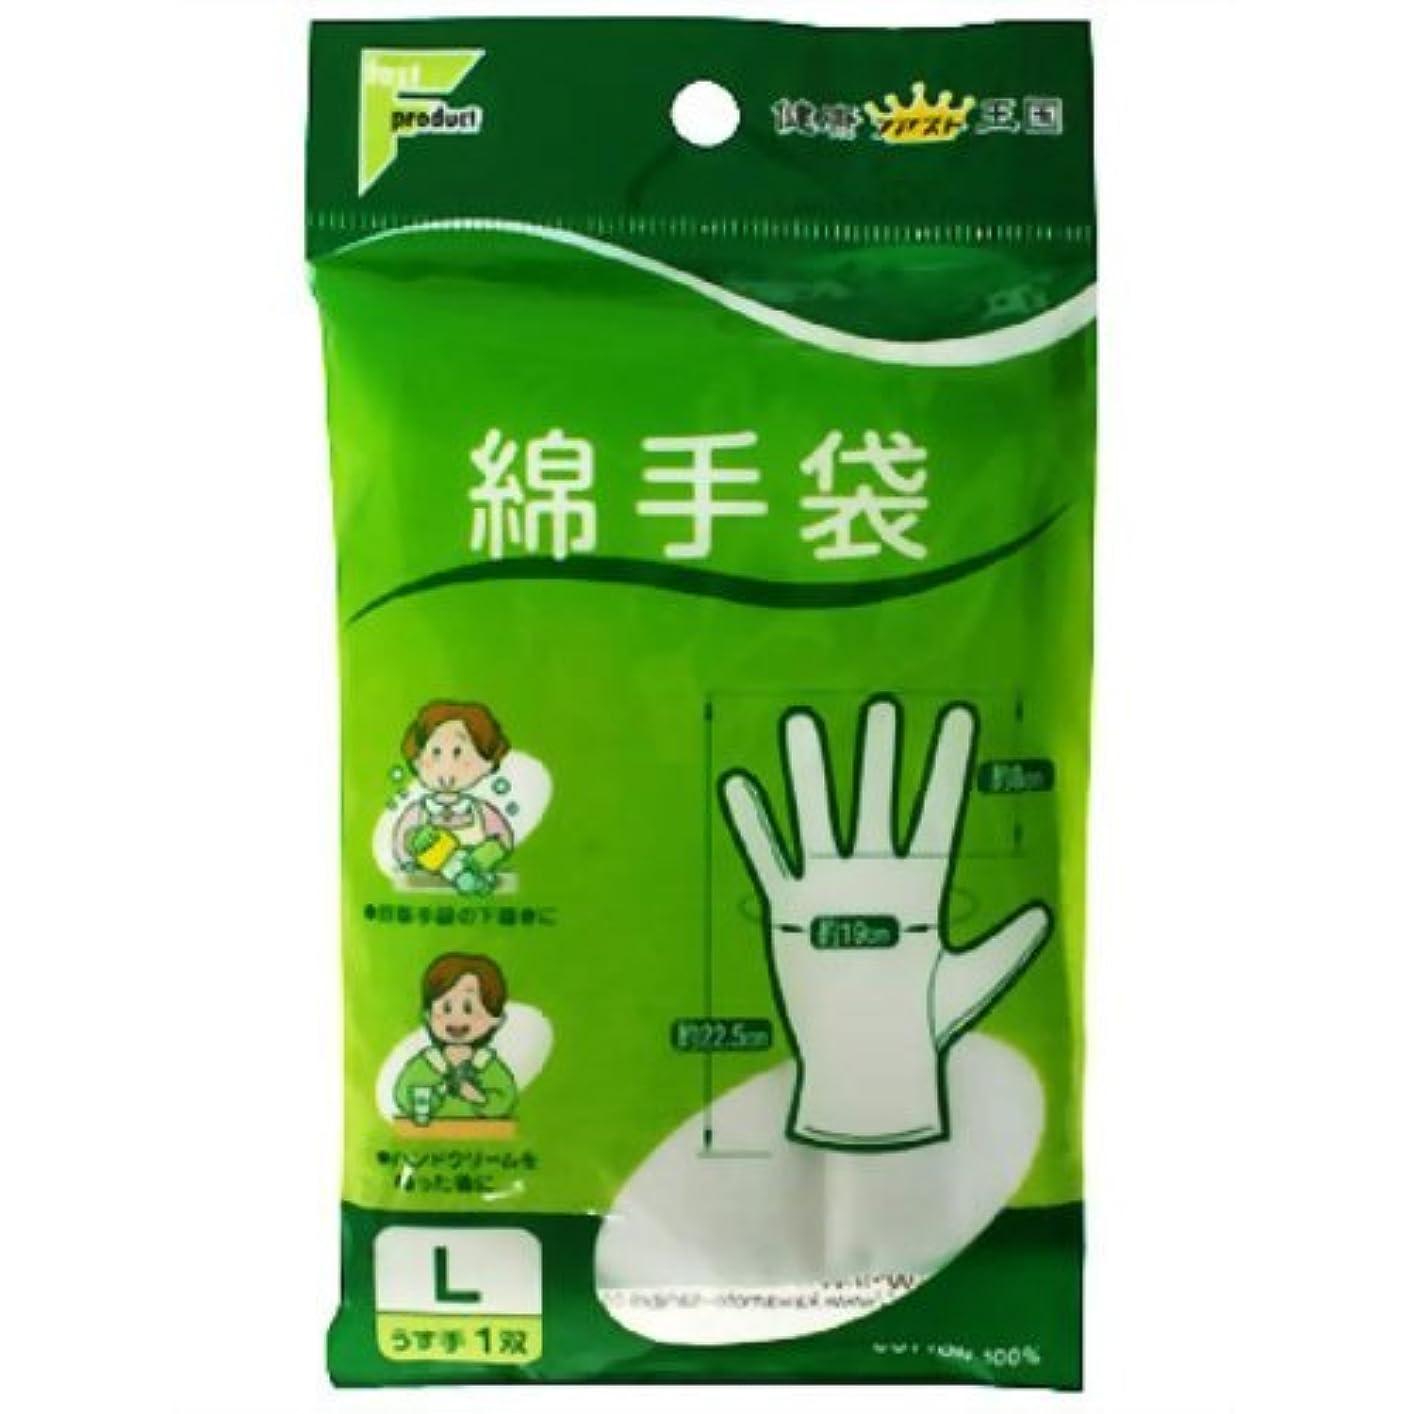 目を覚ます教義ブレンドフアスト綿手袋L 1双入